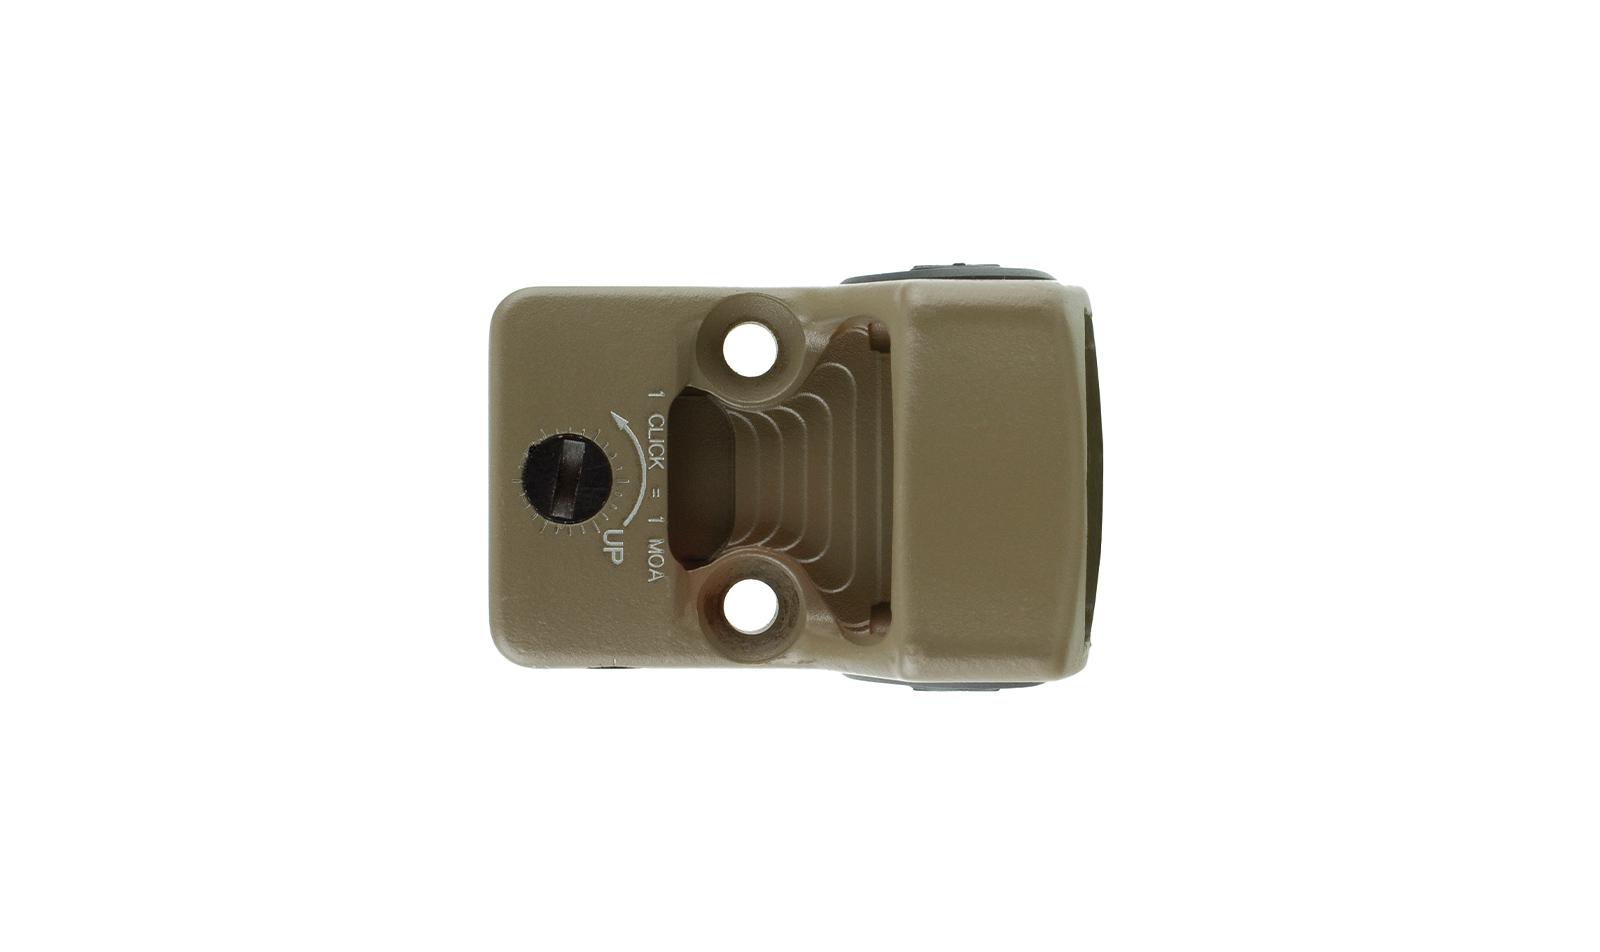 RM09-C-700745 angle 9